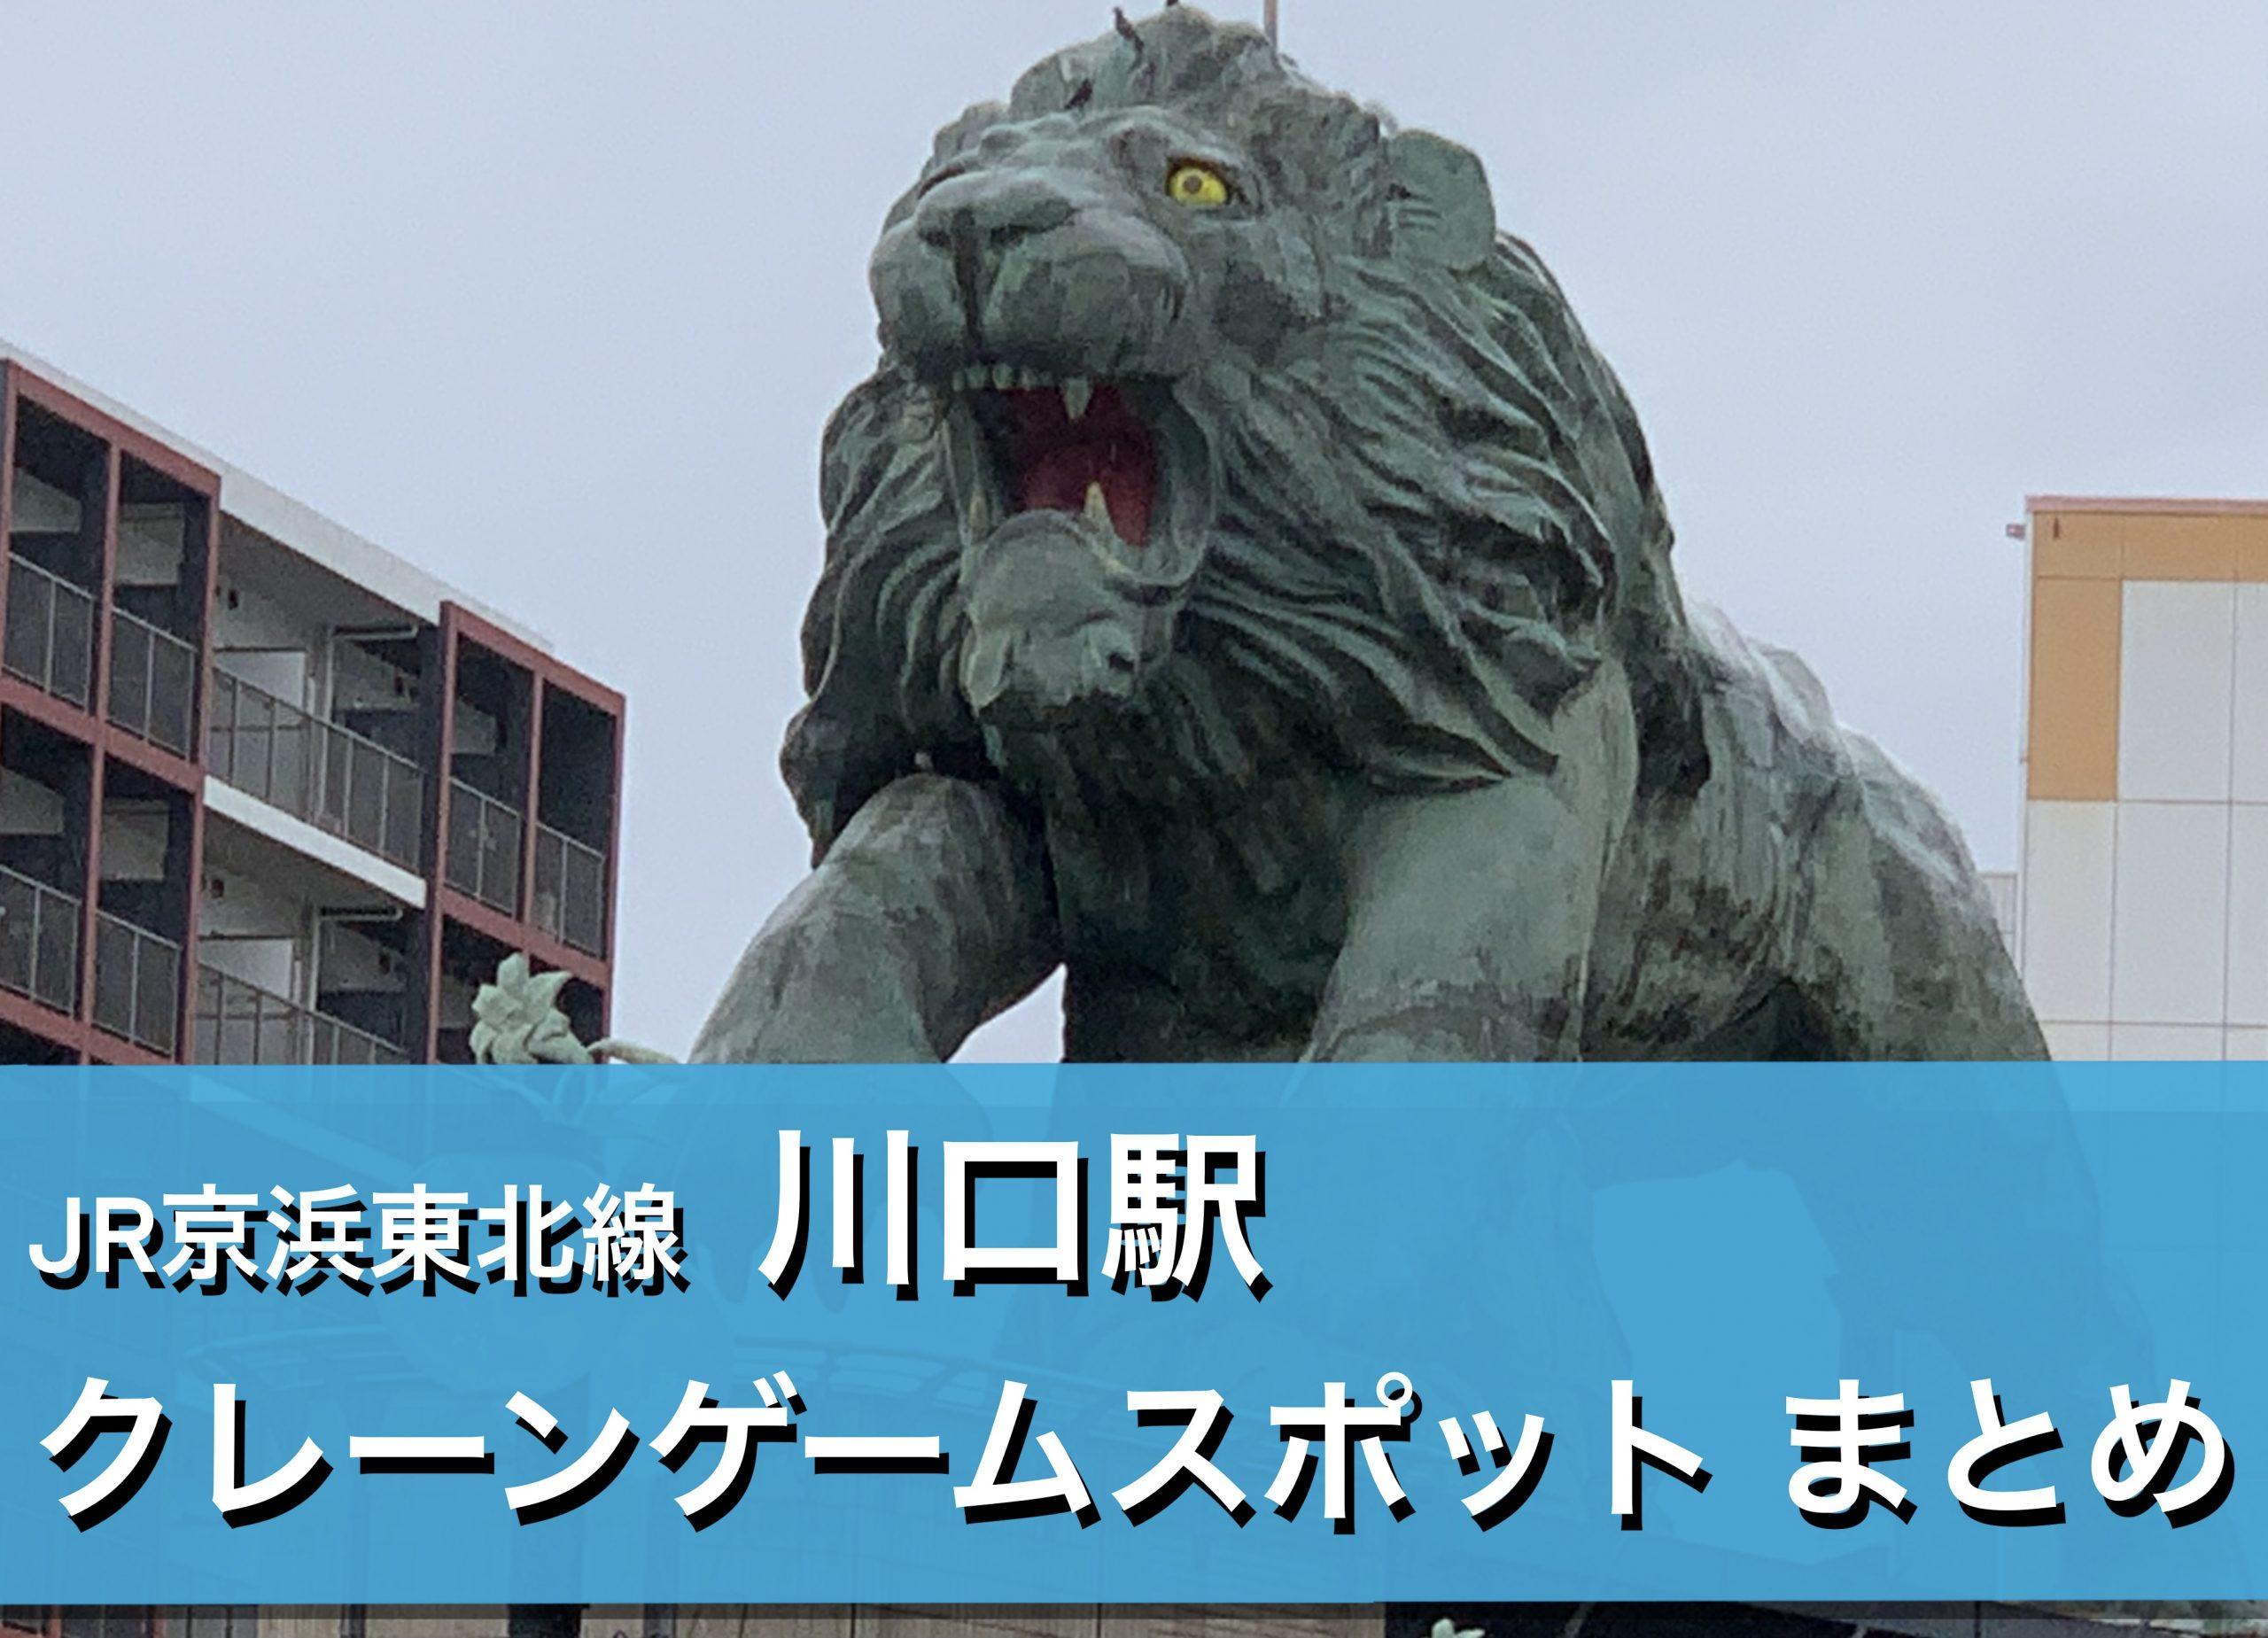 【川口駅】クレーンゲームができる場所